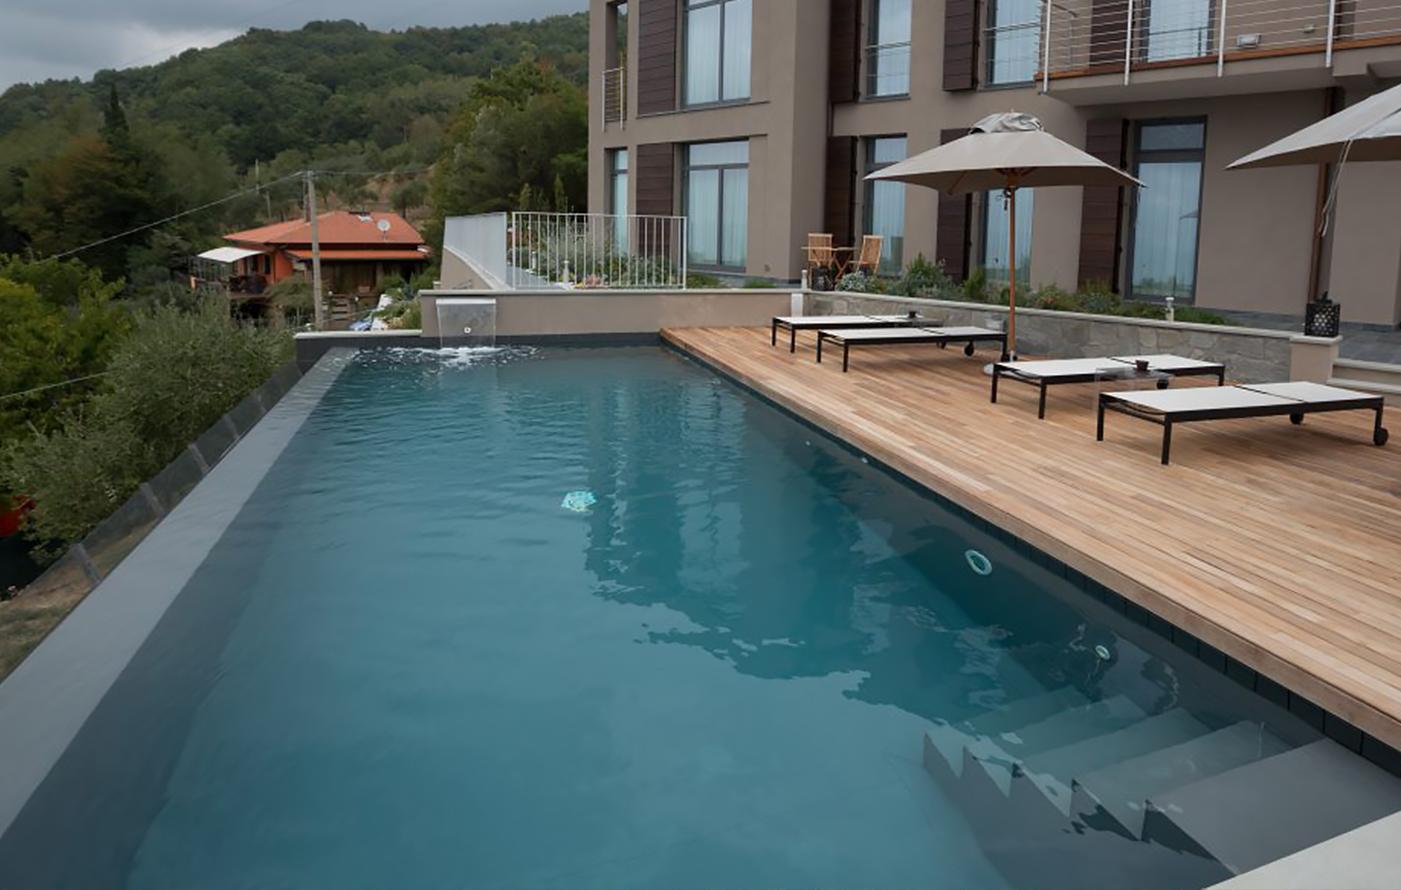 agriverde-accessori-e-complementi-piscine